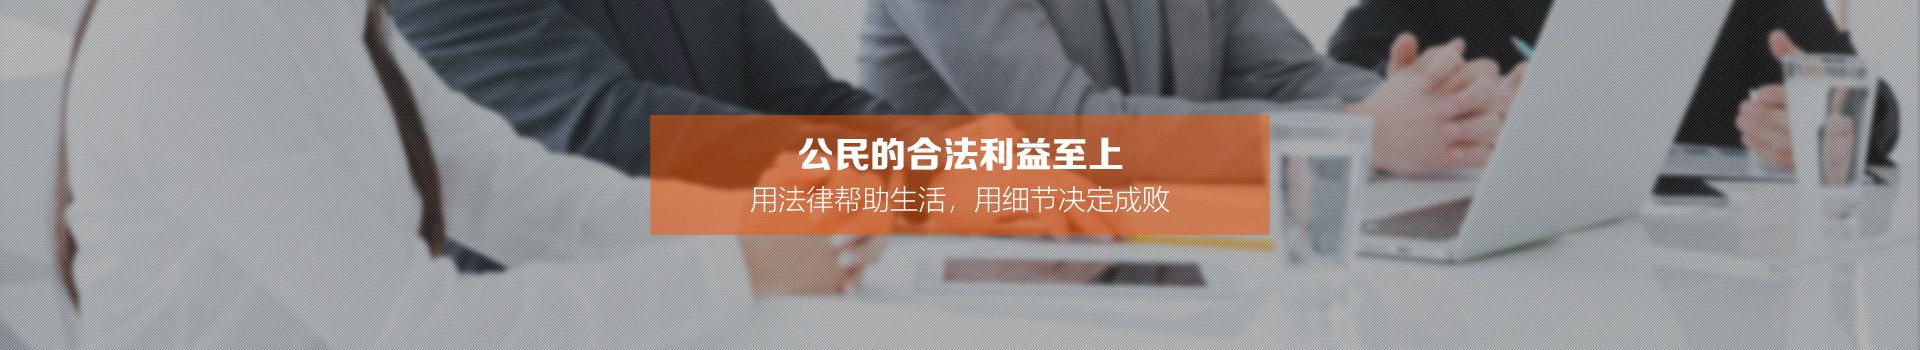 佛山律师网6